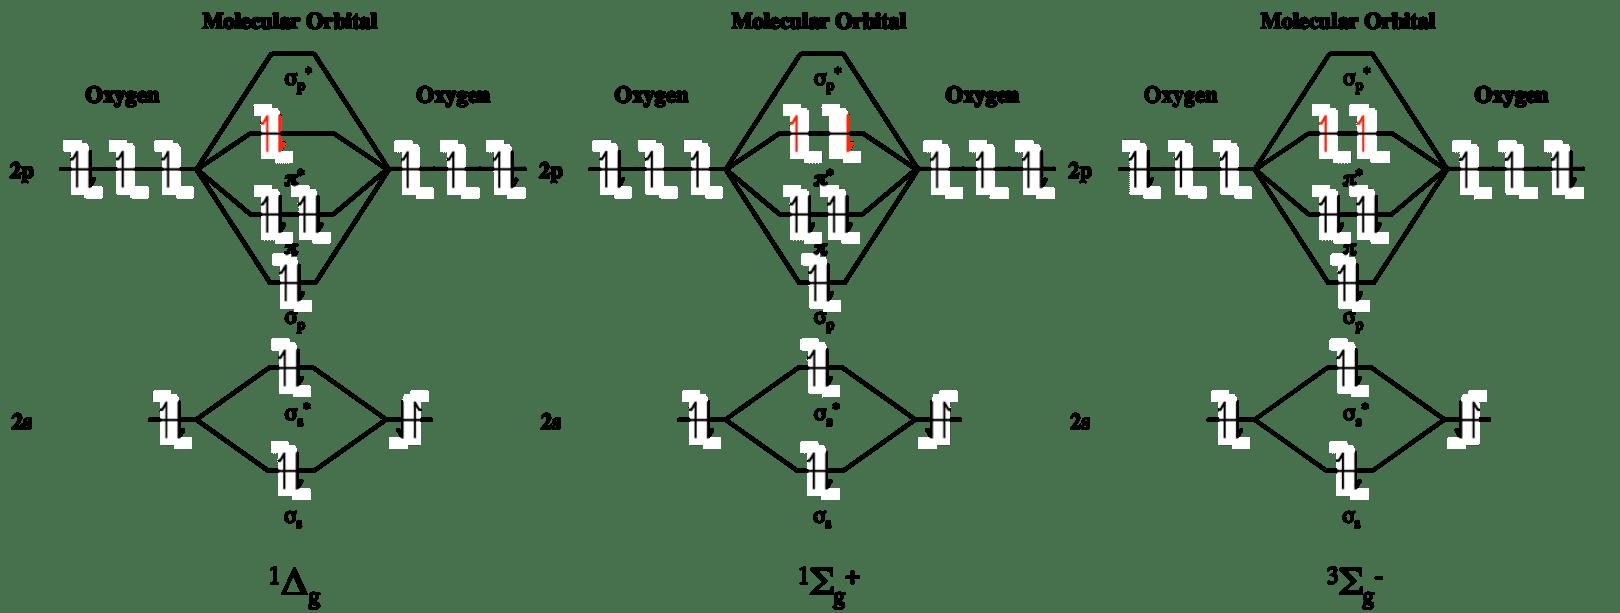 Molecular orbital diagram 2 c2 molecular orbital diagram 2 sciox Image collections